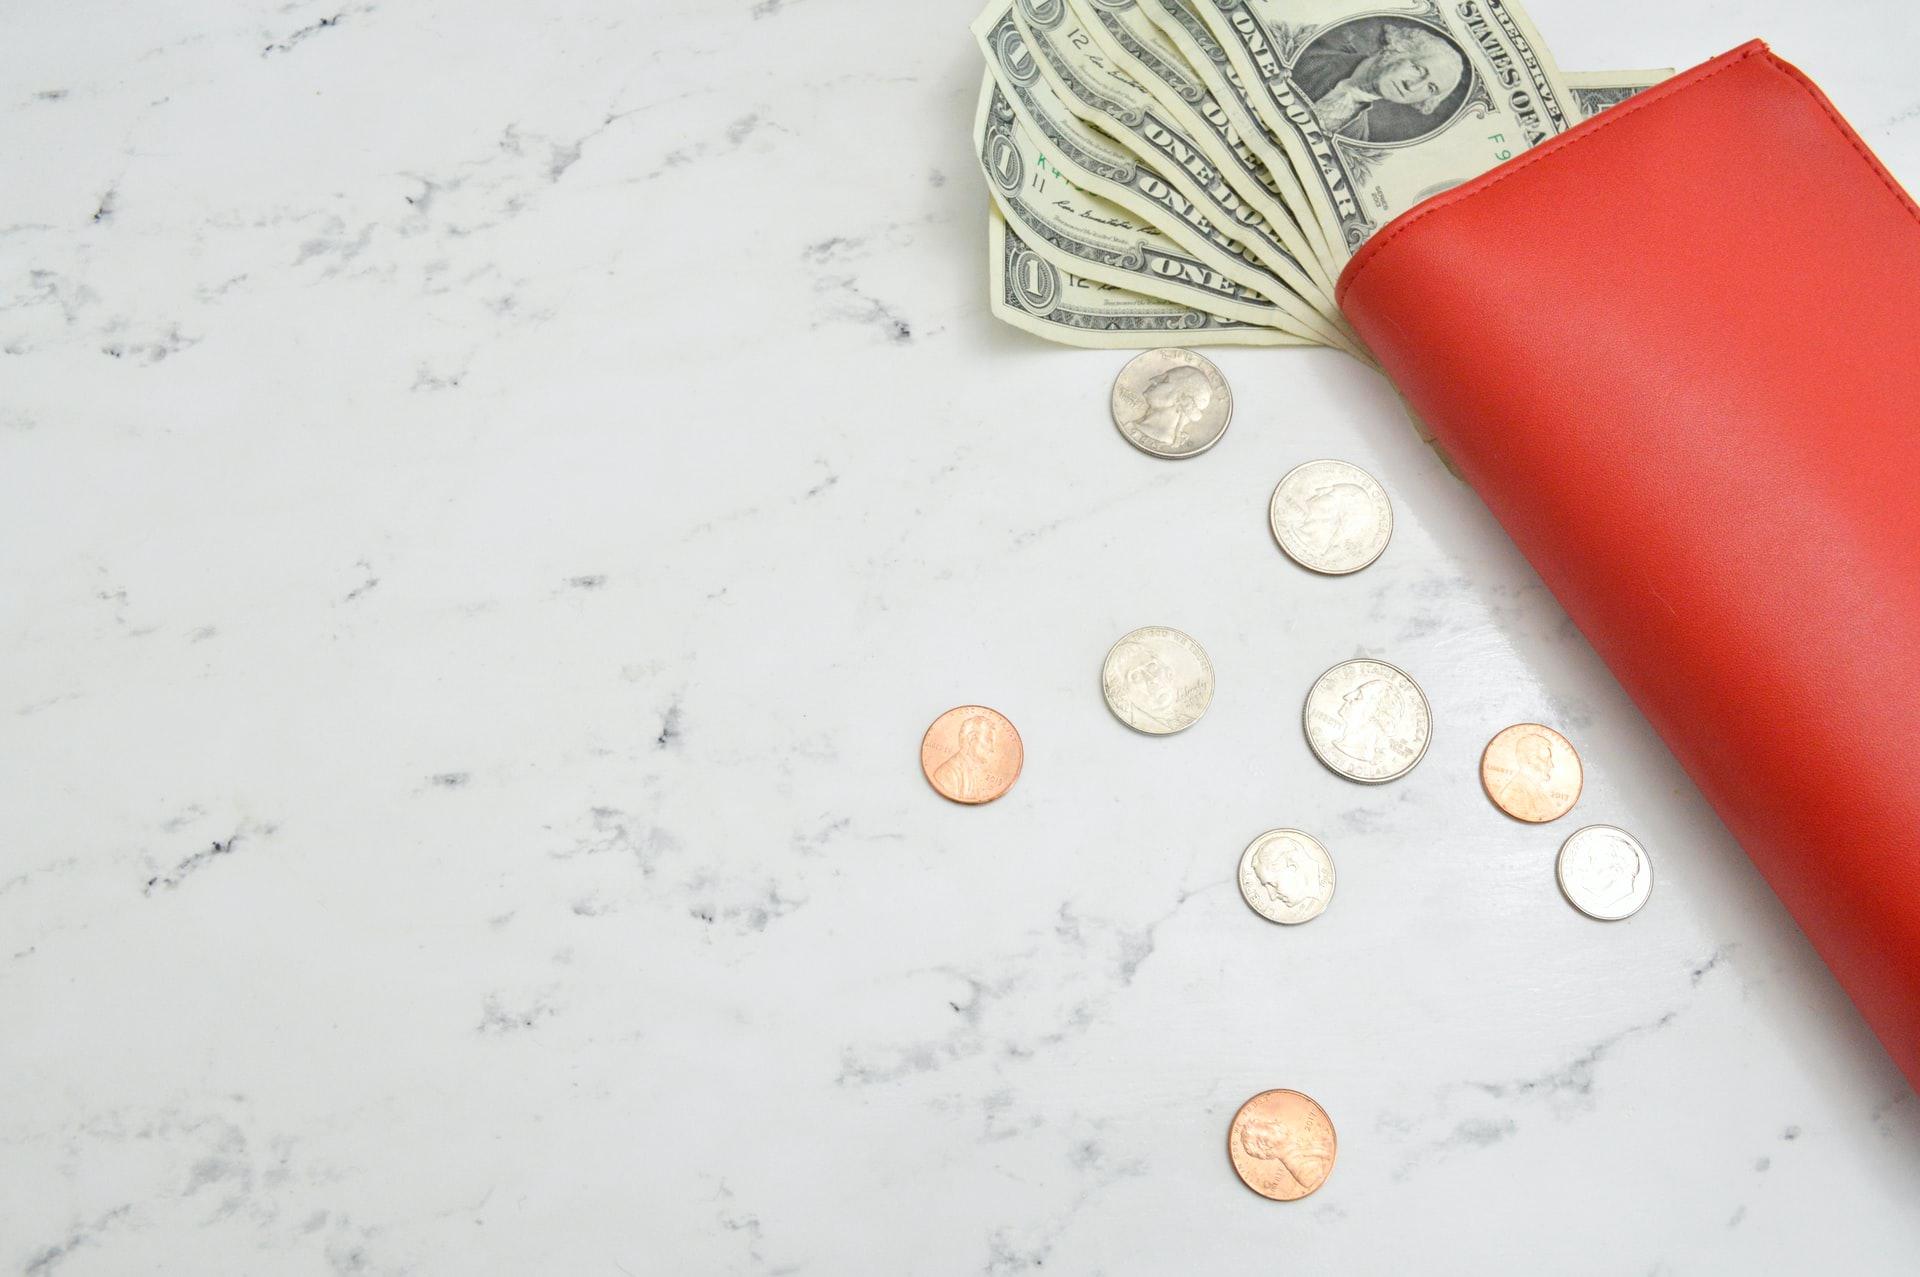 【結論】ブログで稼ぎたいなら必須。リライトに使え。